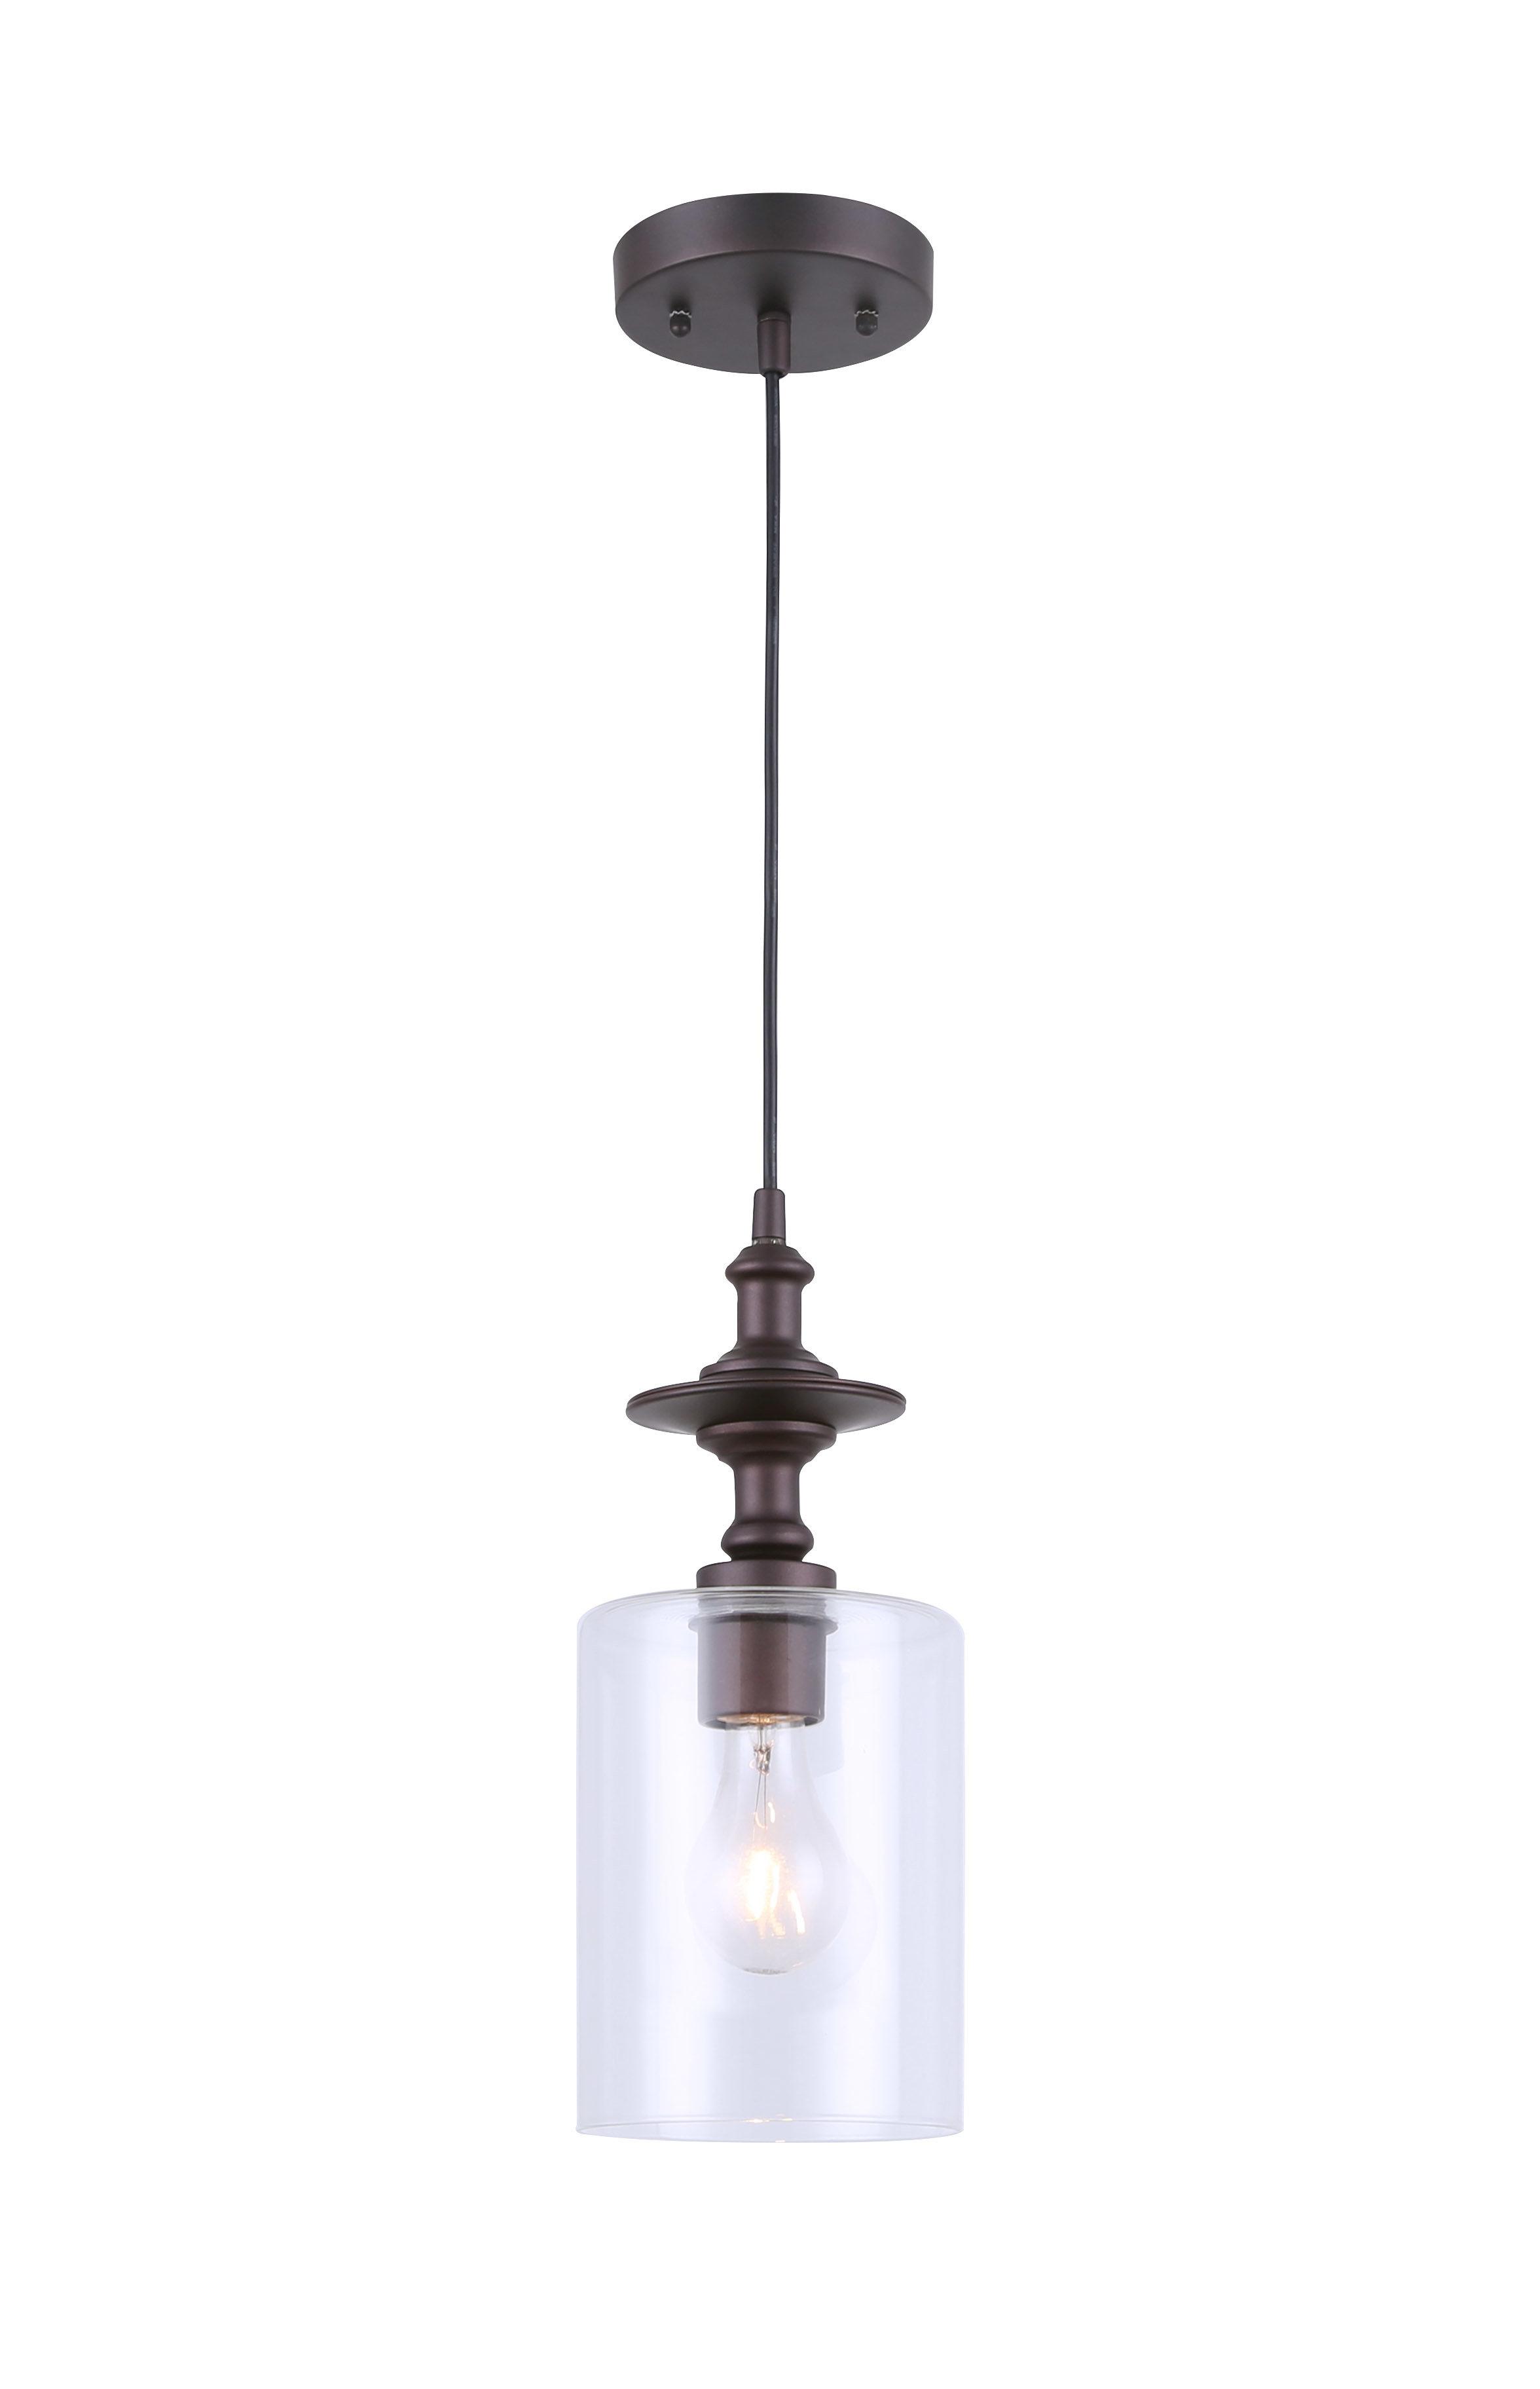 Erico 1-Light Single Bell Pendants in Famous Moyer 1-Light Single Cylinder Pendant